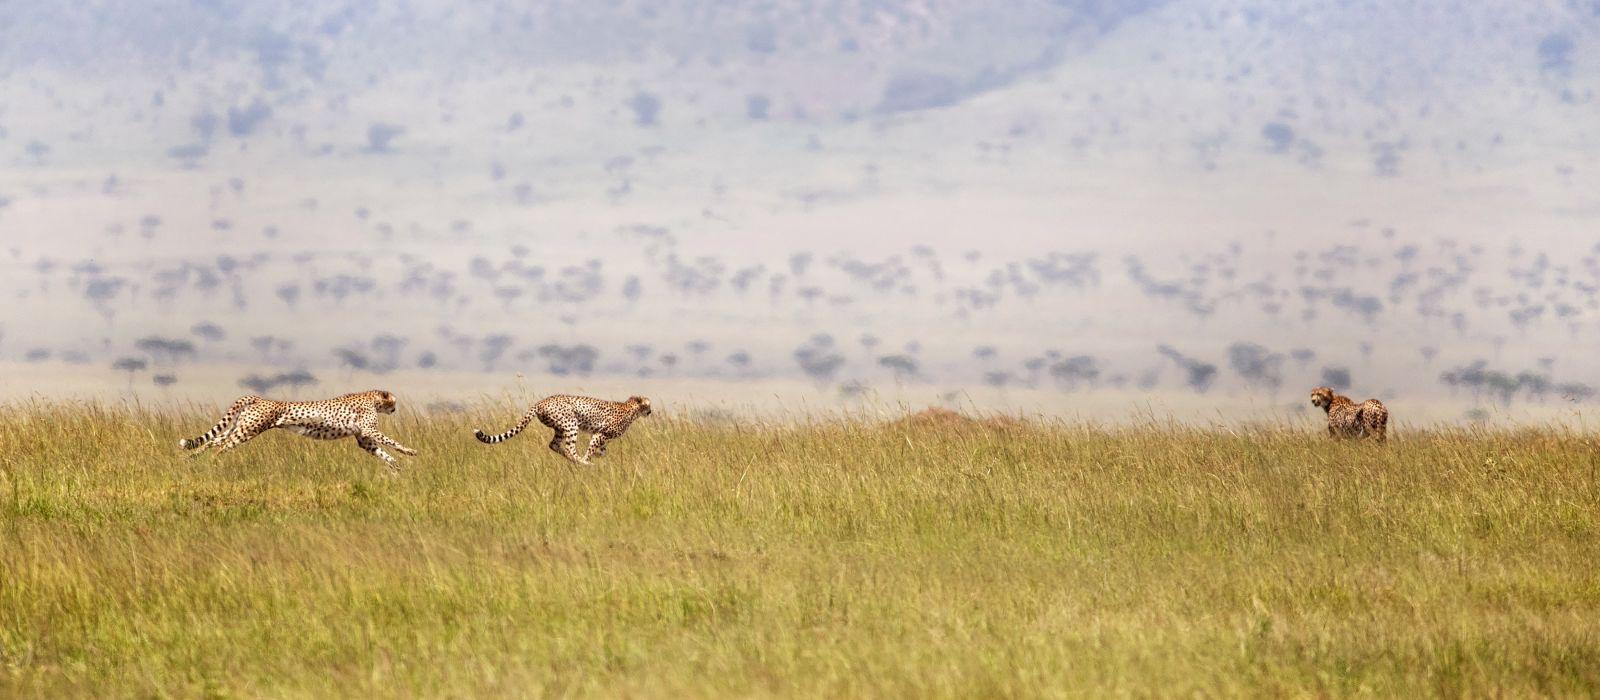 Drei Geparden, die durch die Masai Mara ziehen, Kenia, Afrika.